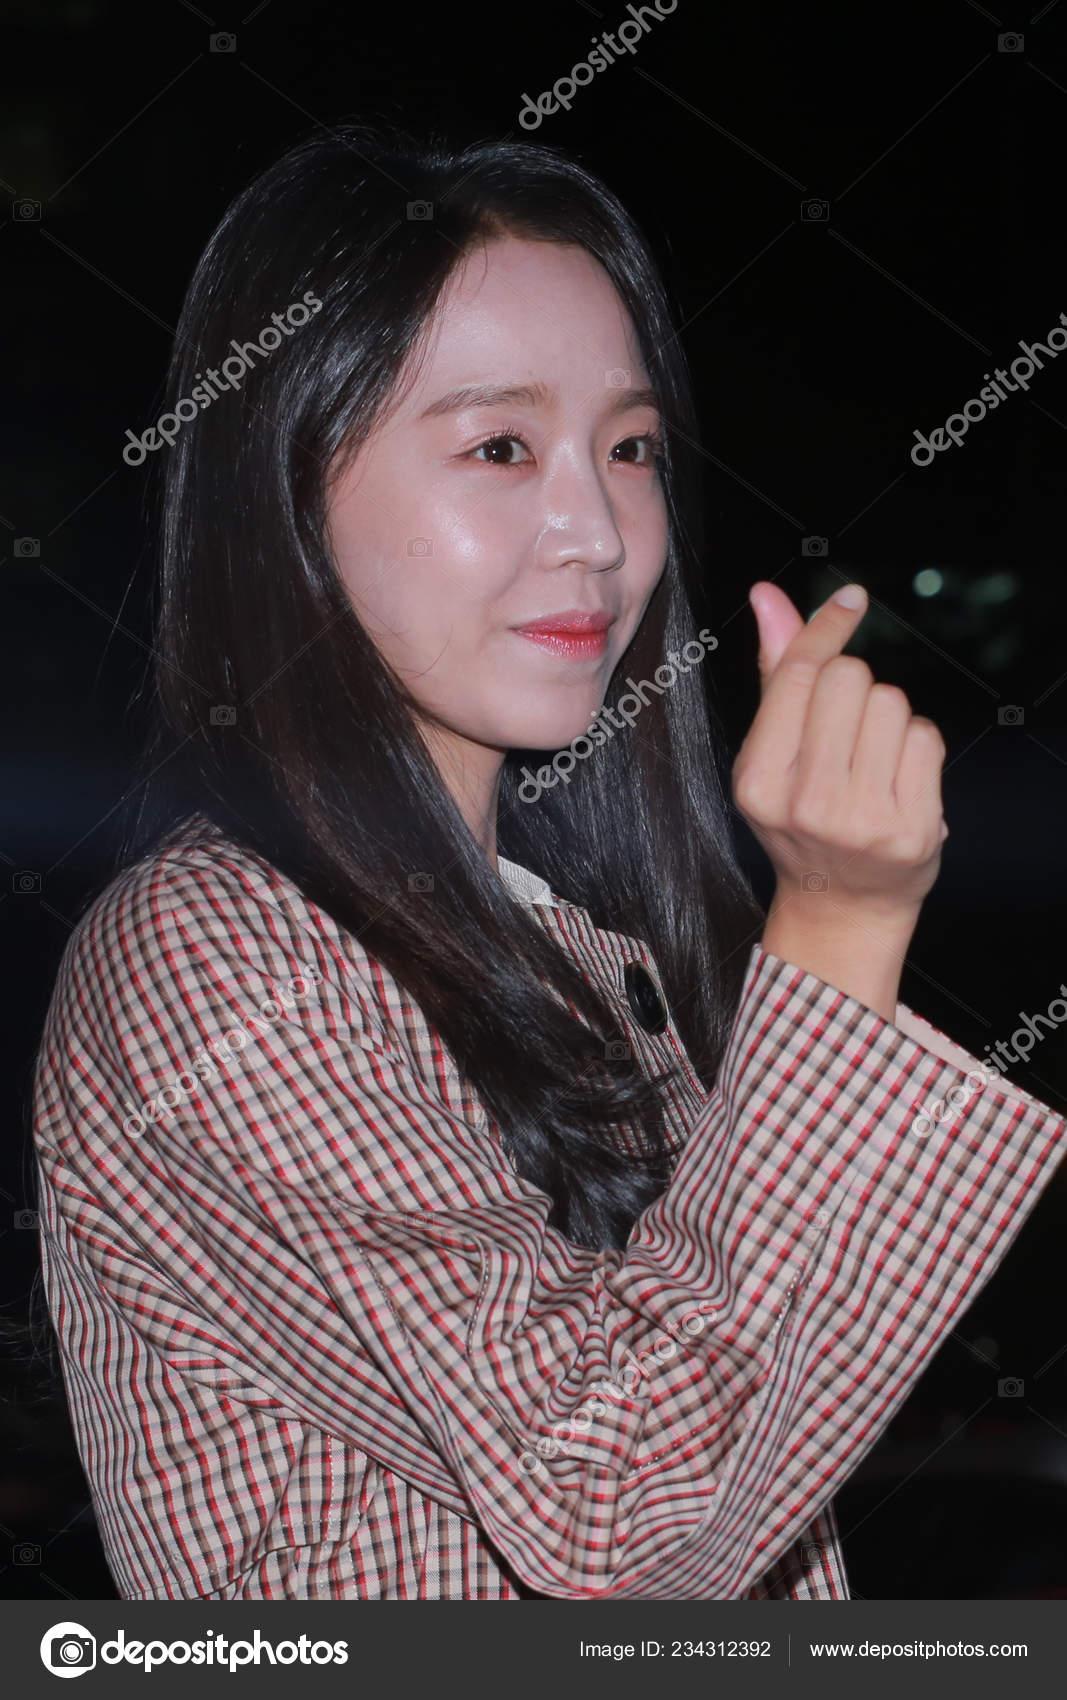 South Korean Actress Shin Hye Sun Arrives Banquet New Series – Stock